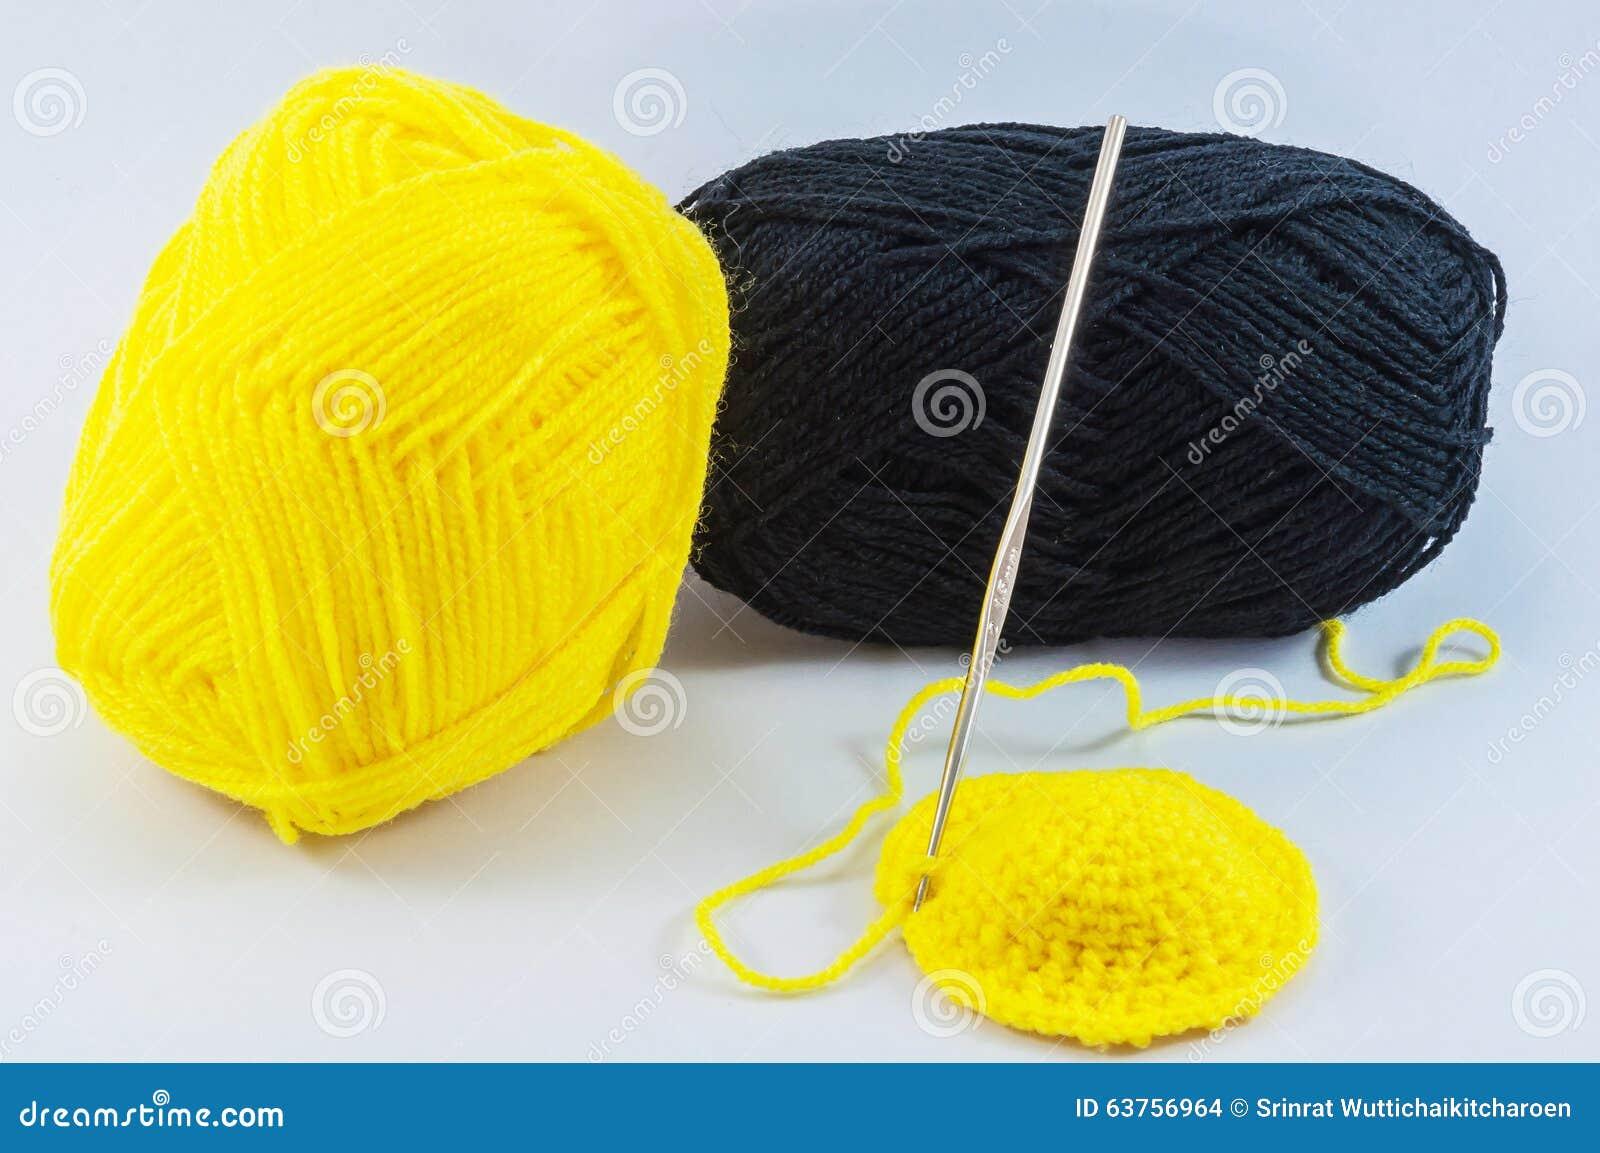 Haaknaald Met Licht : Gele en zwarte garenballen met haaknaald stock foto afbeelding